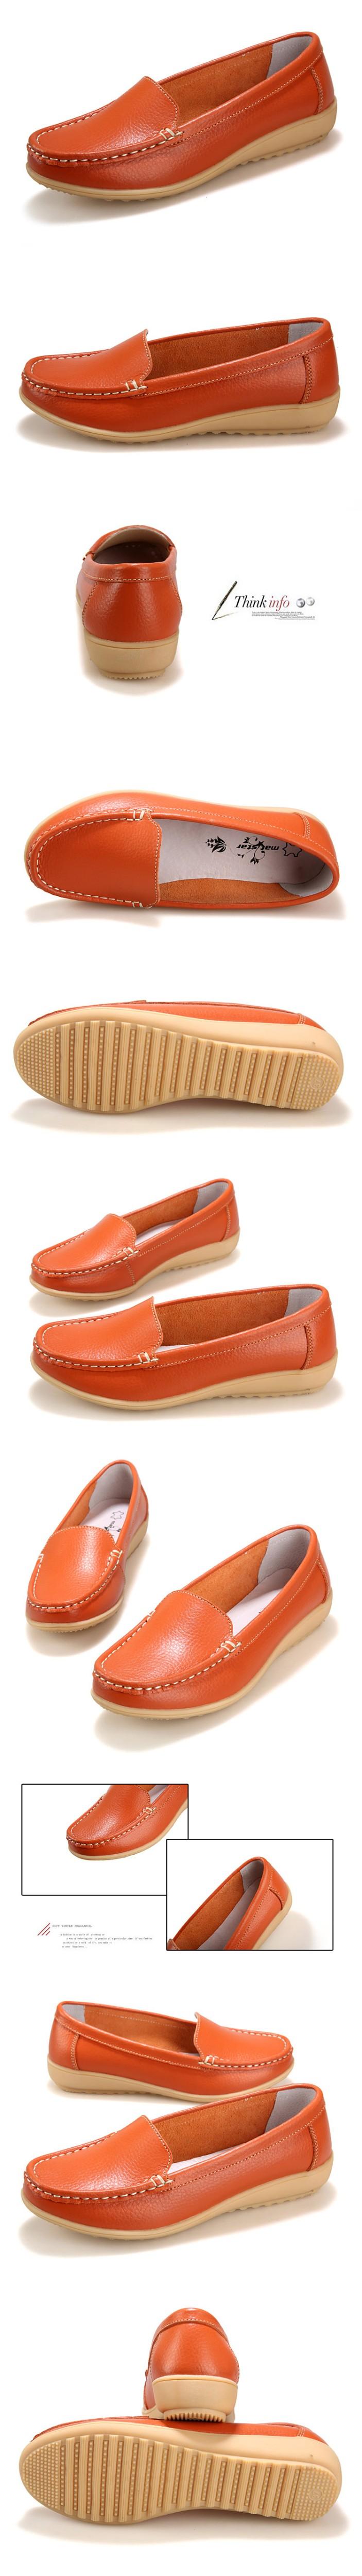 aa7dbcbf3 2016 Novos das Mulheres sapatos de Couro Genuíno Da Senhora de Couro liso Deslizar  sobre Mocassins sapatos casuais Preto Branco Vermelho tamanho 35-41 ...